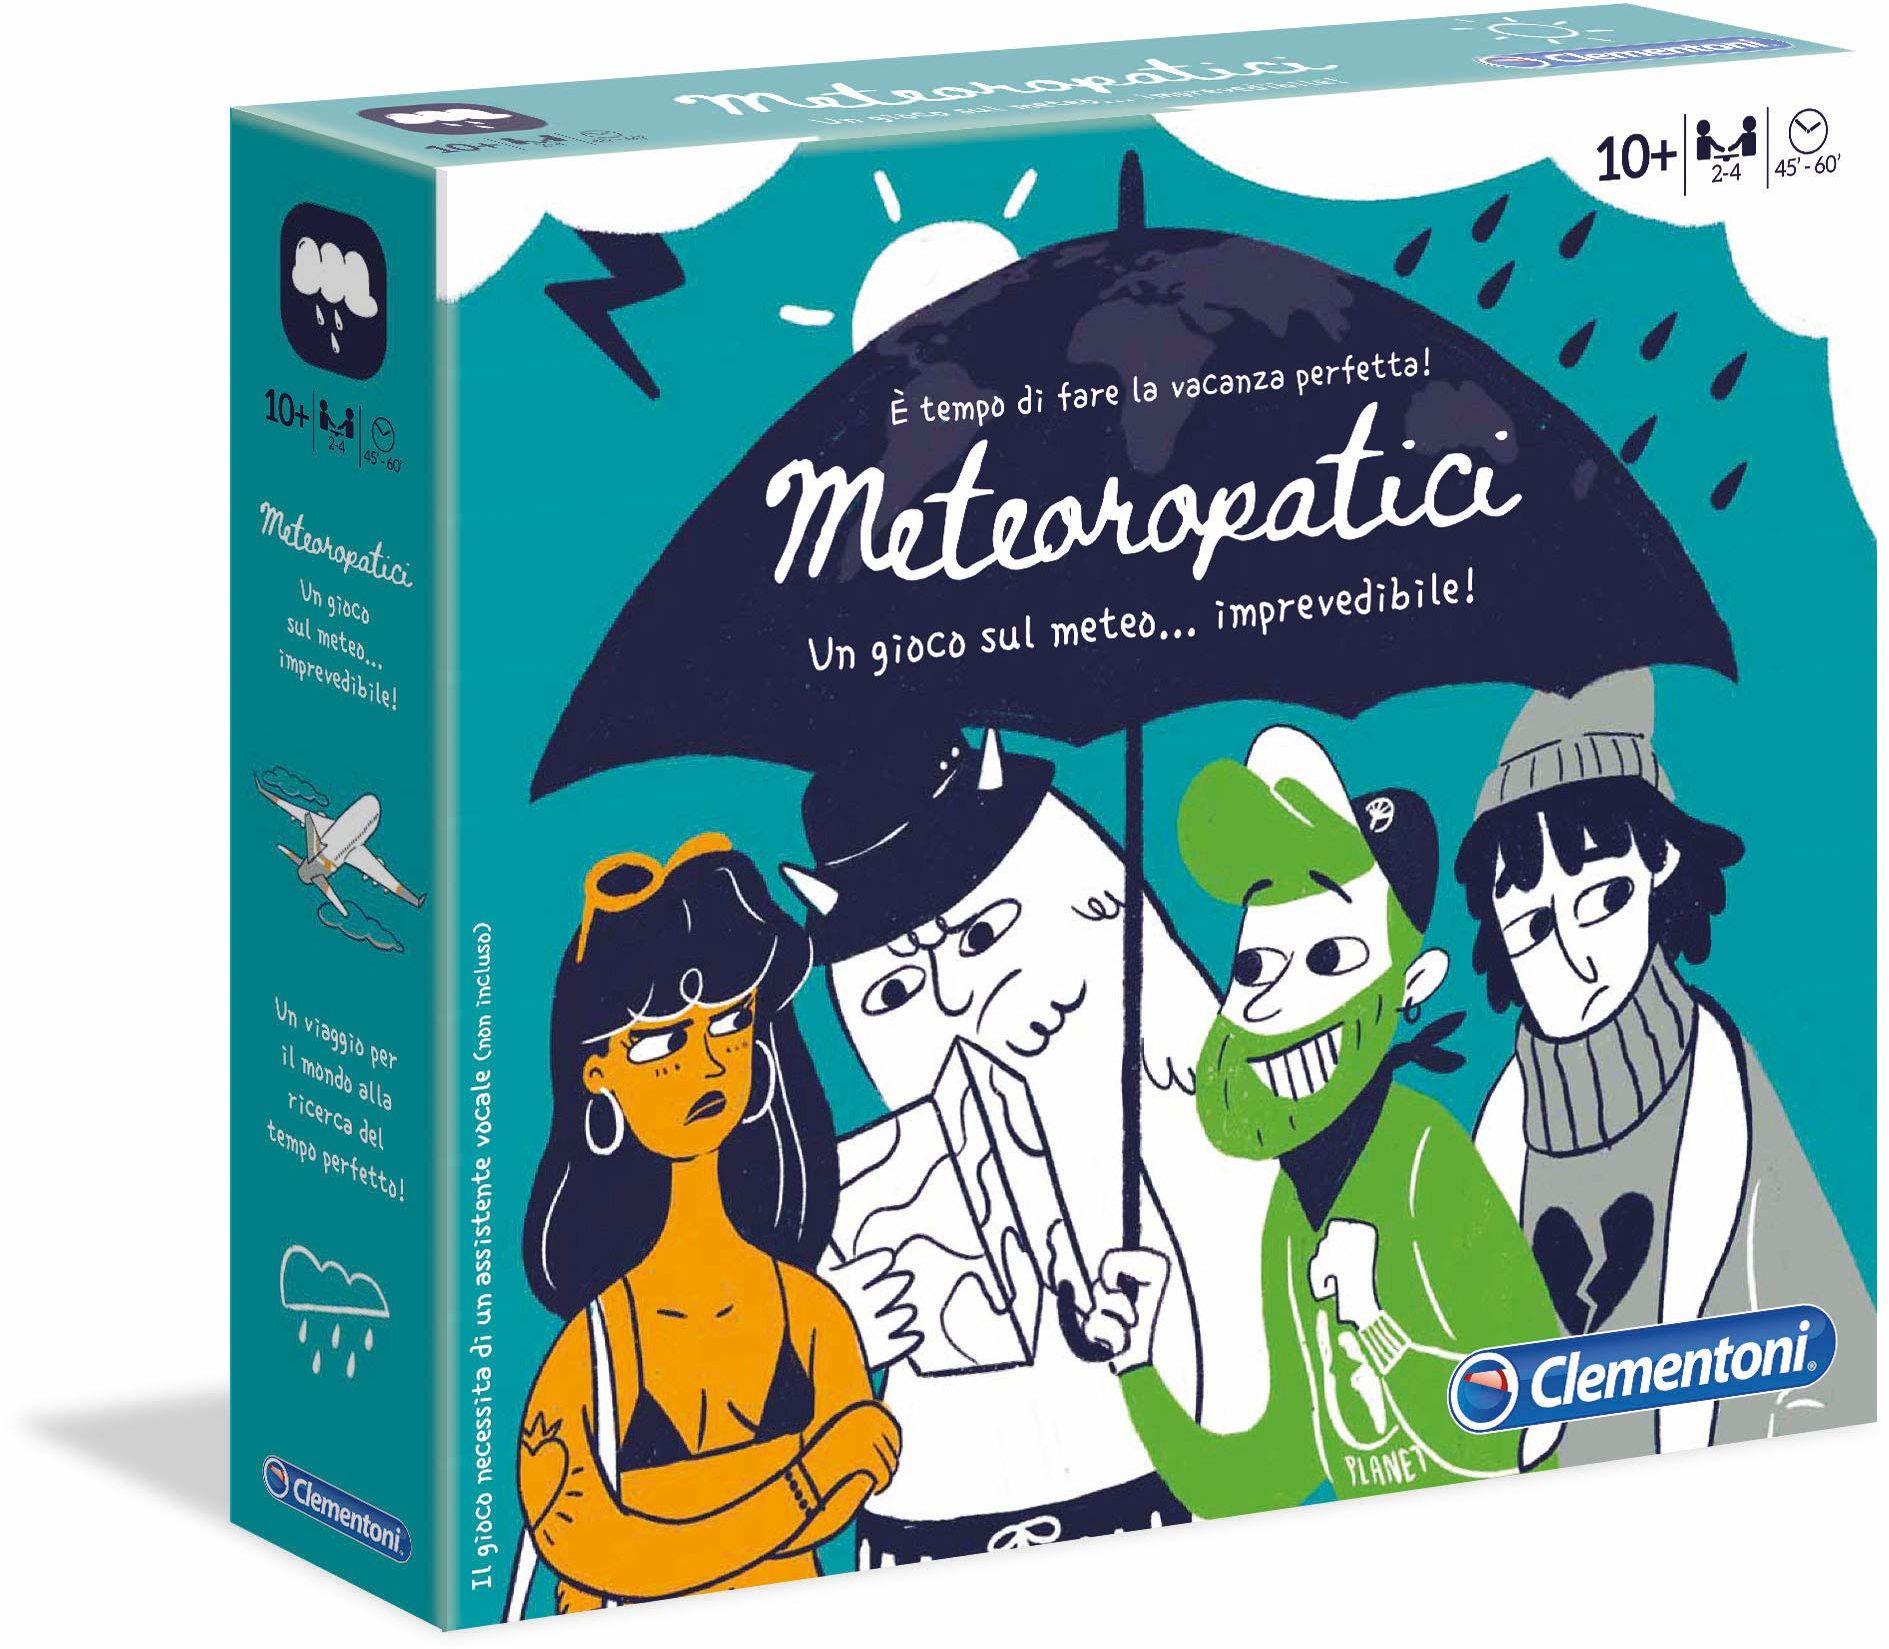 Clementoni Gra planszowa Meteoropatici (wersja językowa) wielokolorowa